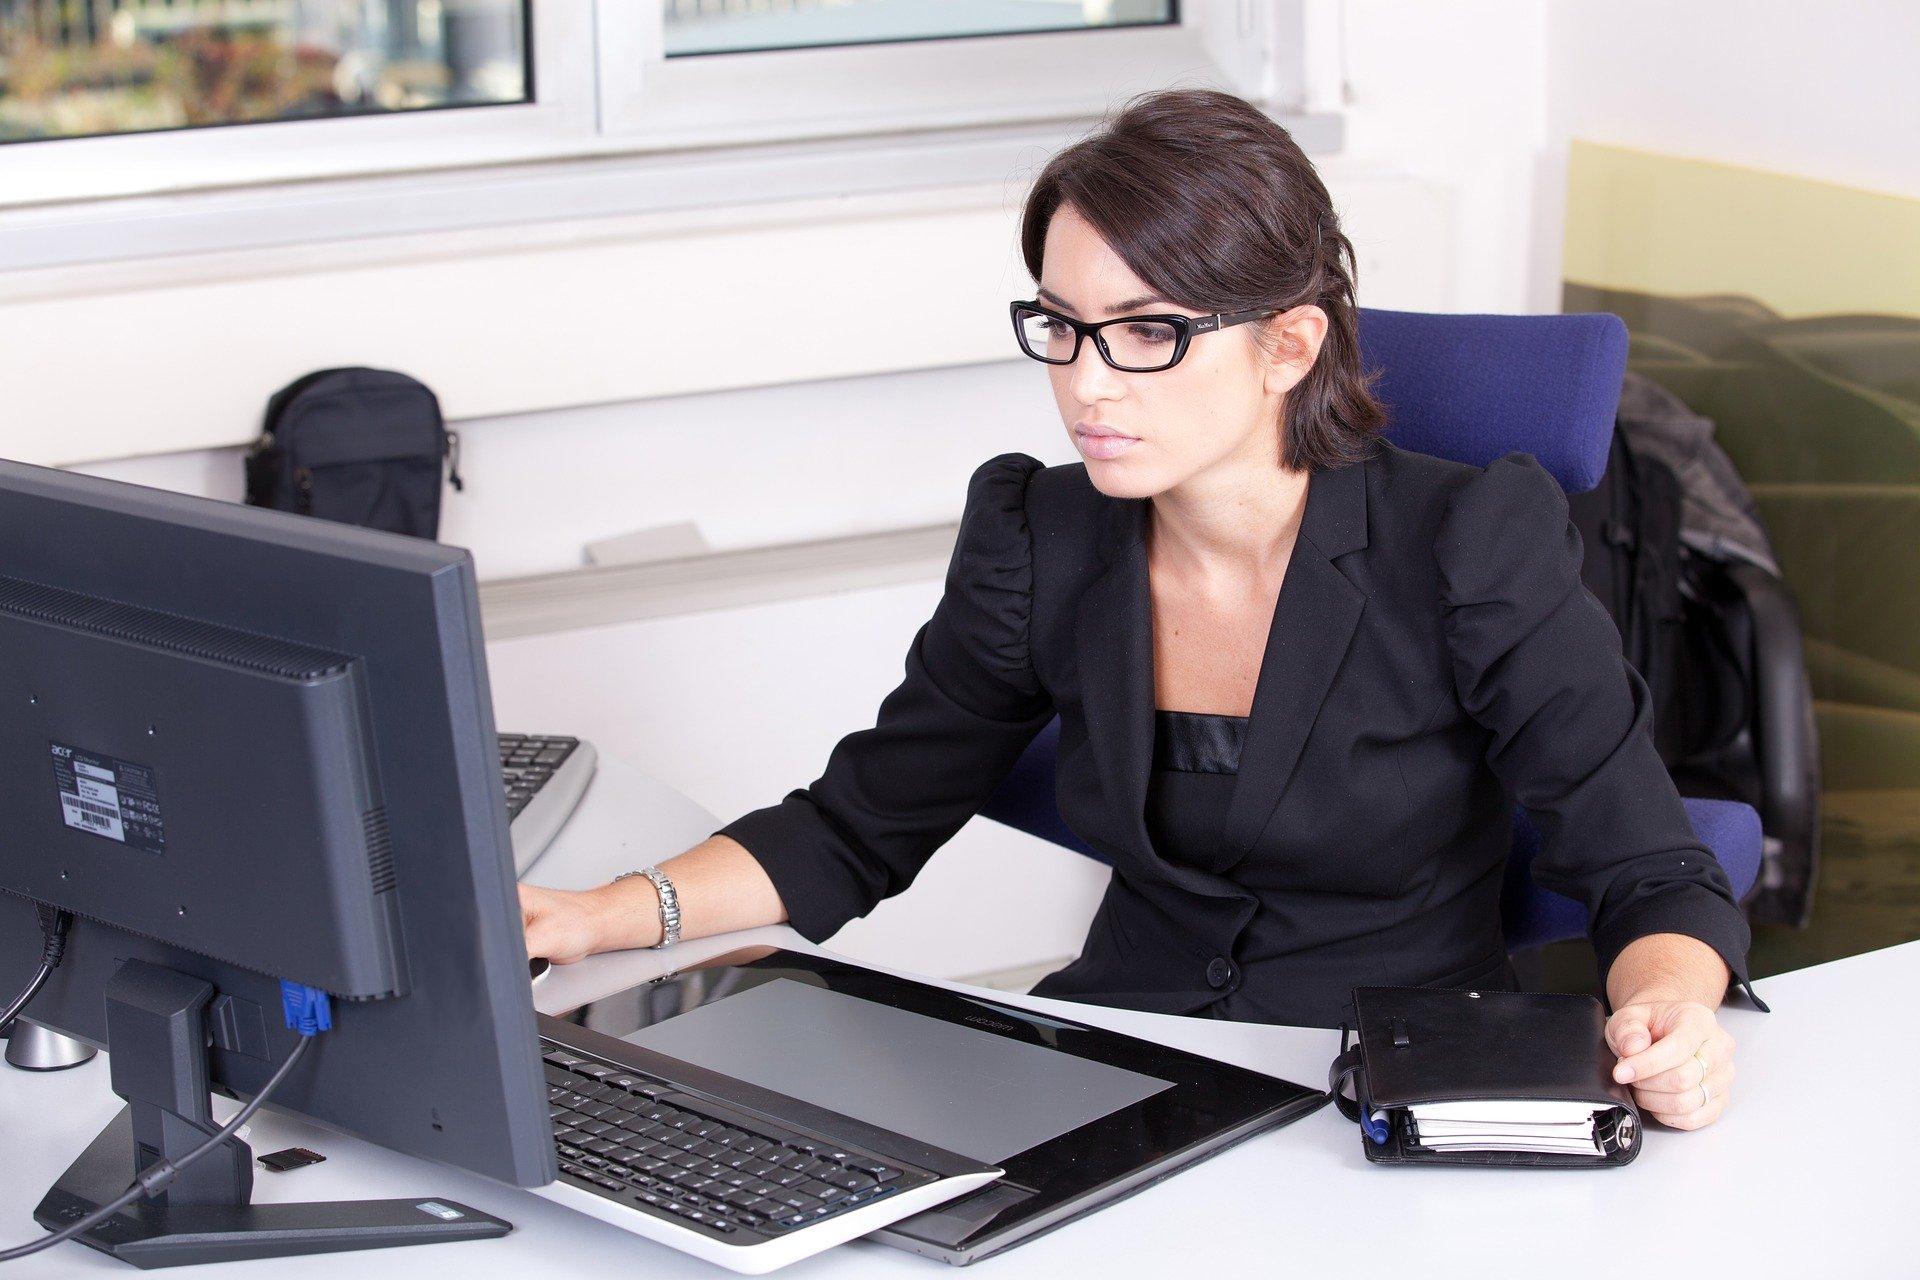 Imagem mostra uma mulher vestida de maneira formal em sentada em frente a um computador.